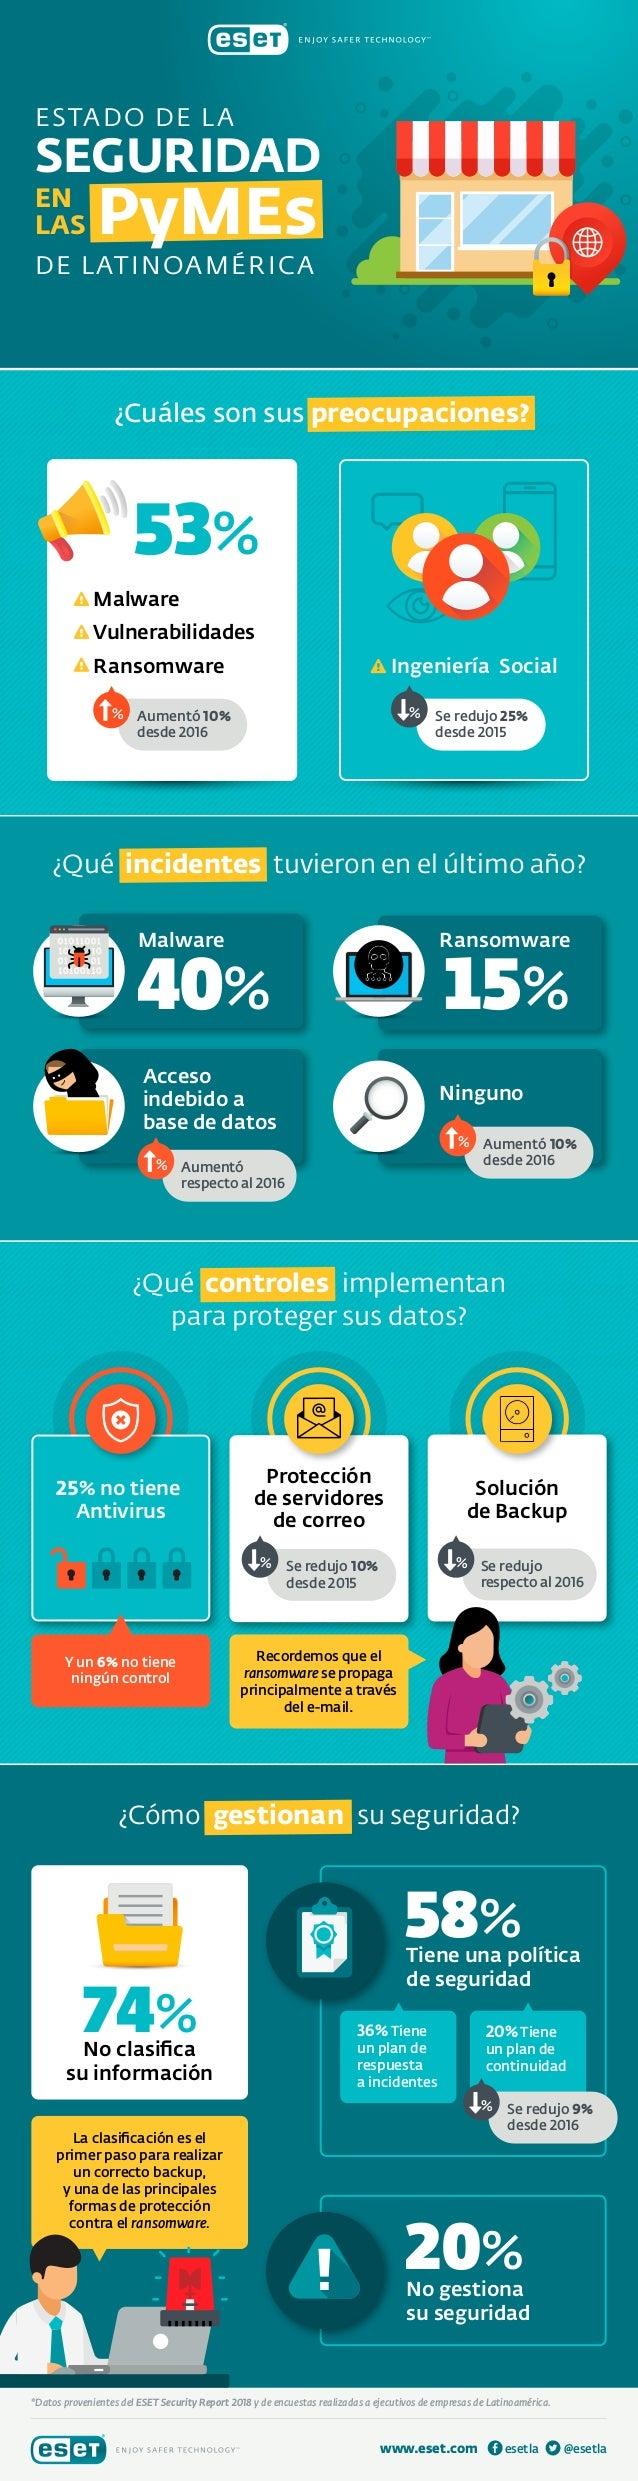 25% no tiene Antivirus Y un 6% no tiene ningún control Recordemos que el ransomware se propaga principalmente a través del...